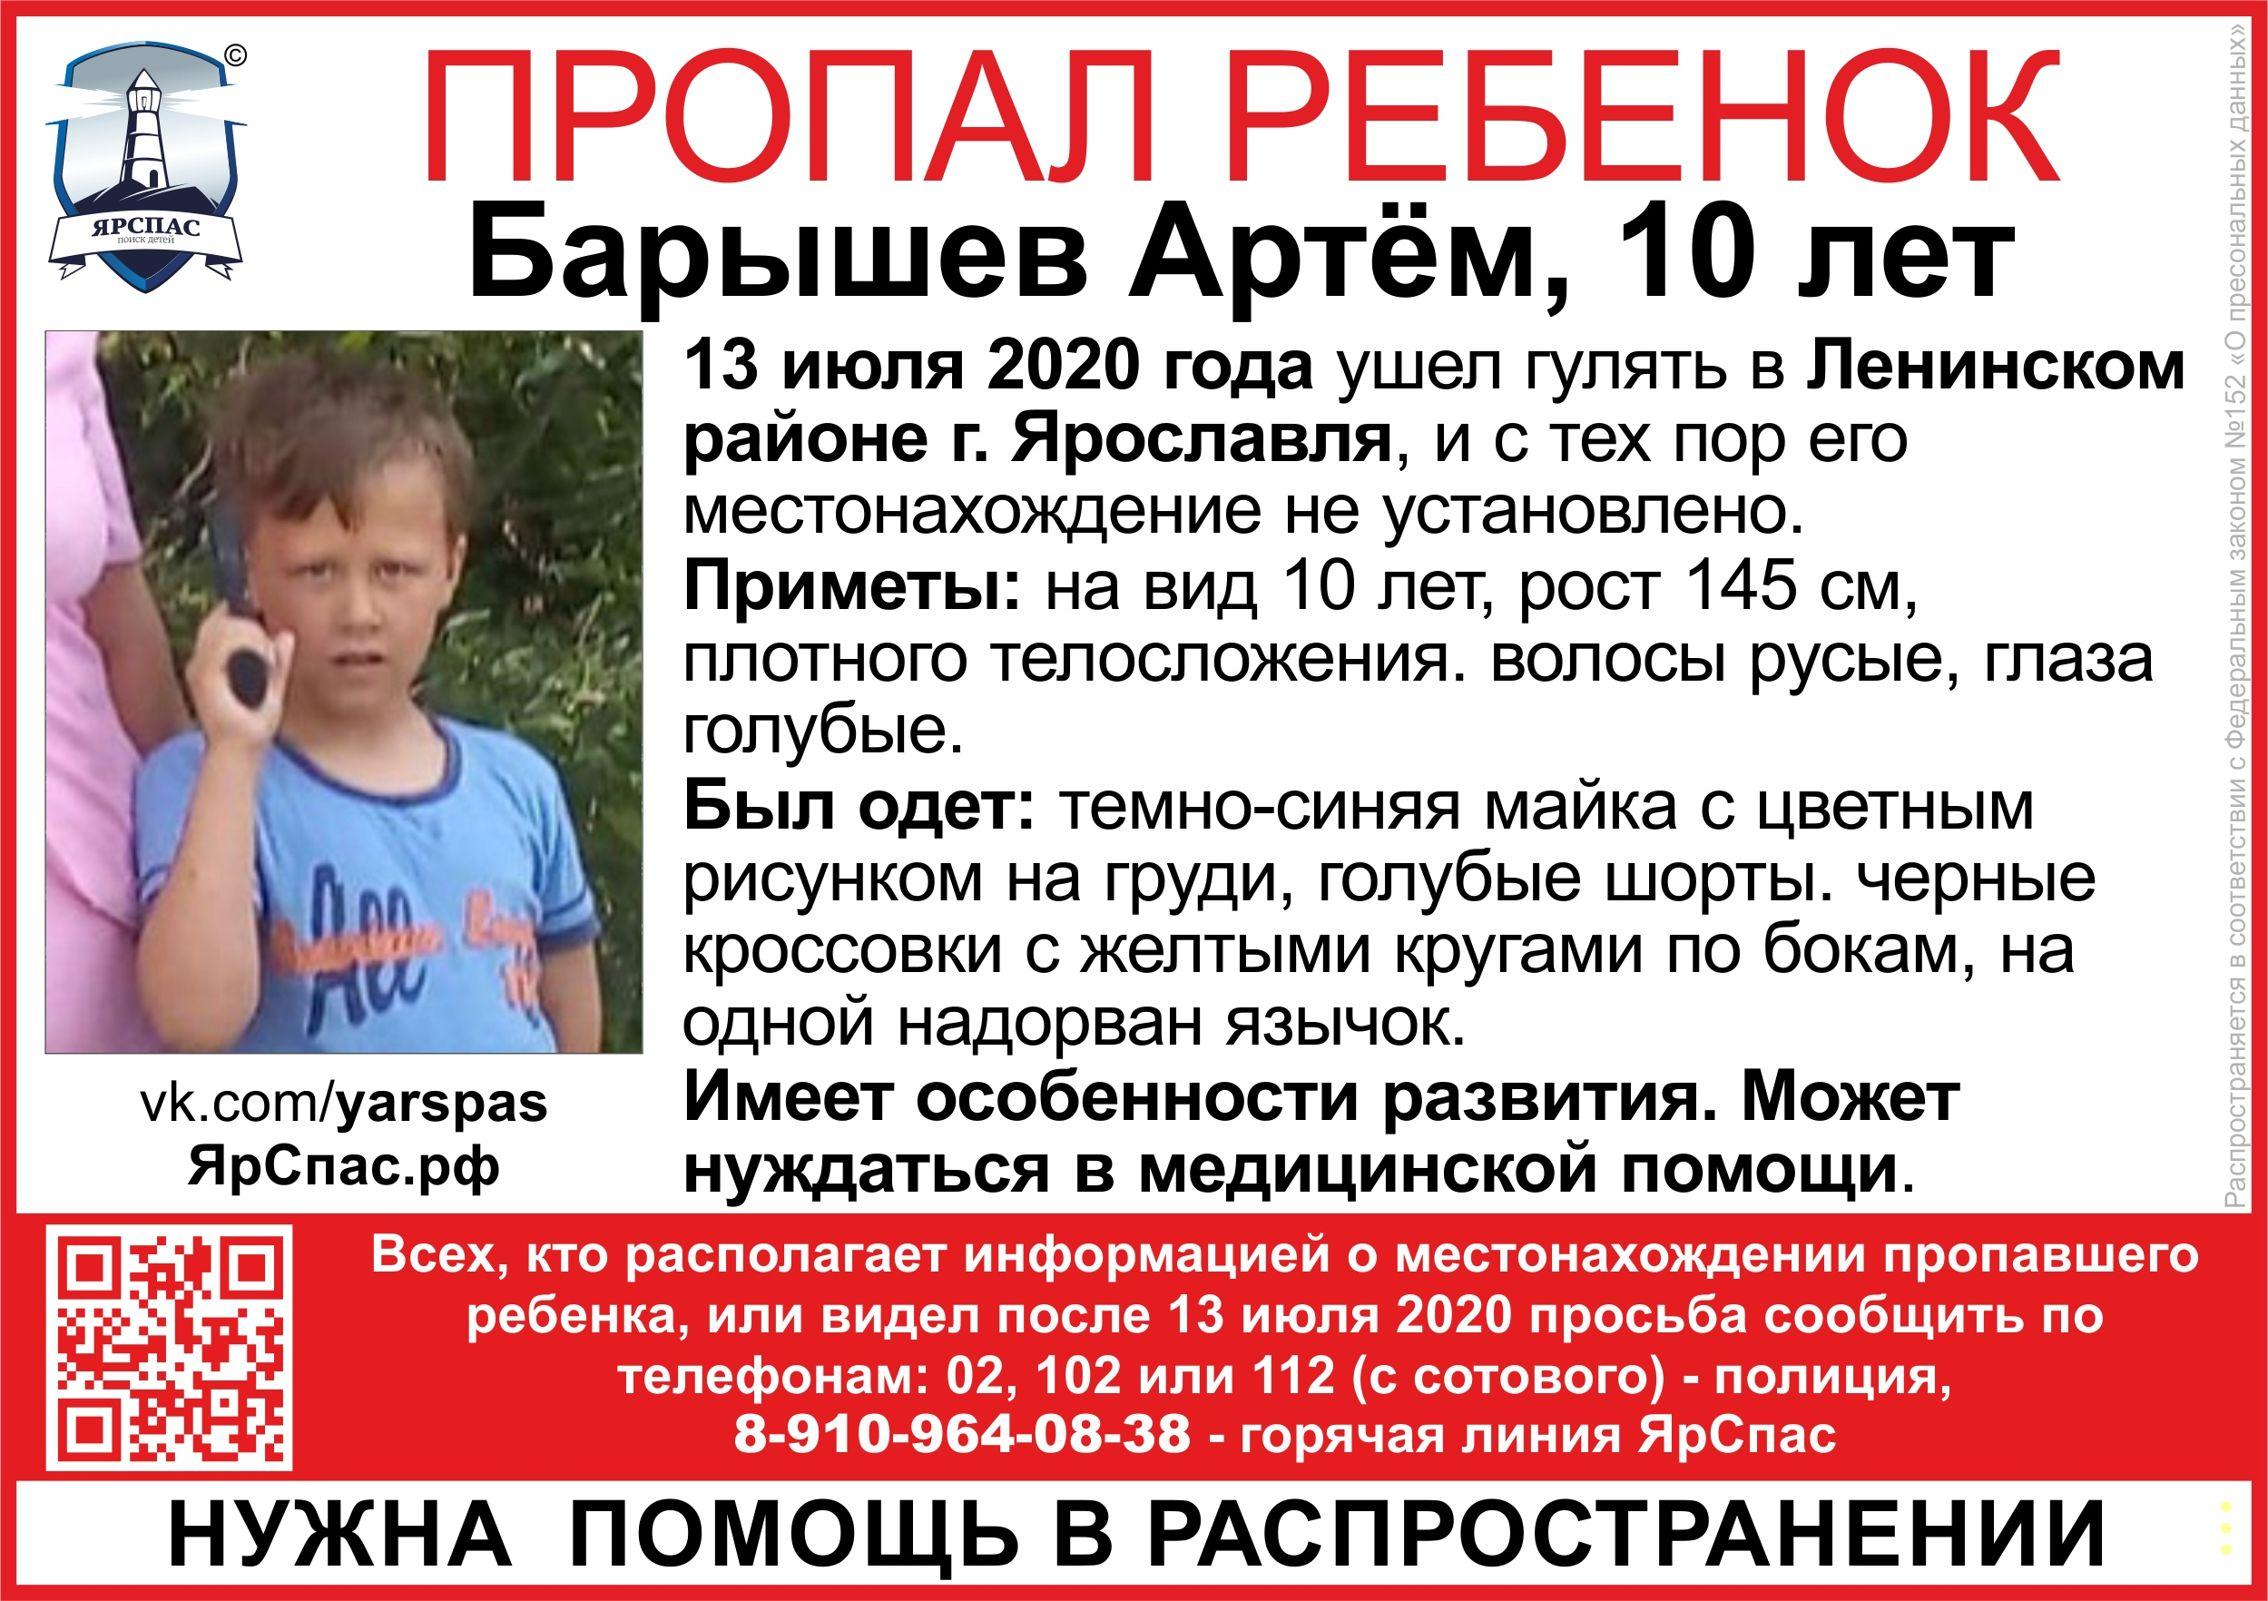 В Ярославле ищут 10-летнего мальчика, который может нуждаться в медицинской помощи